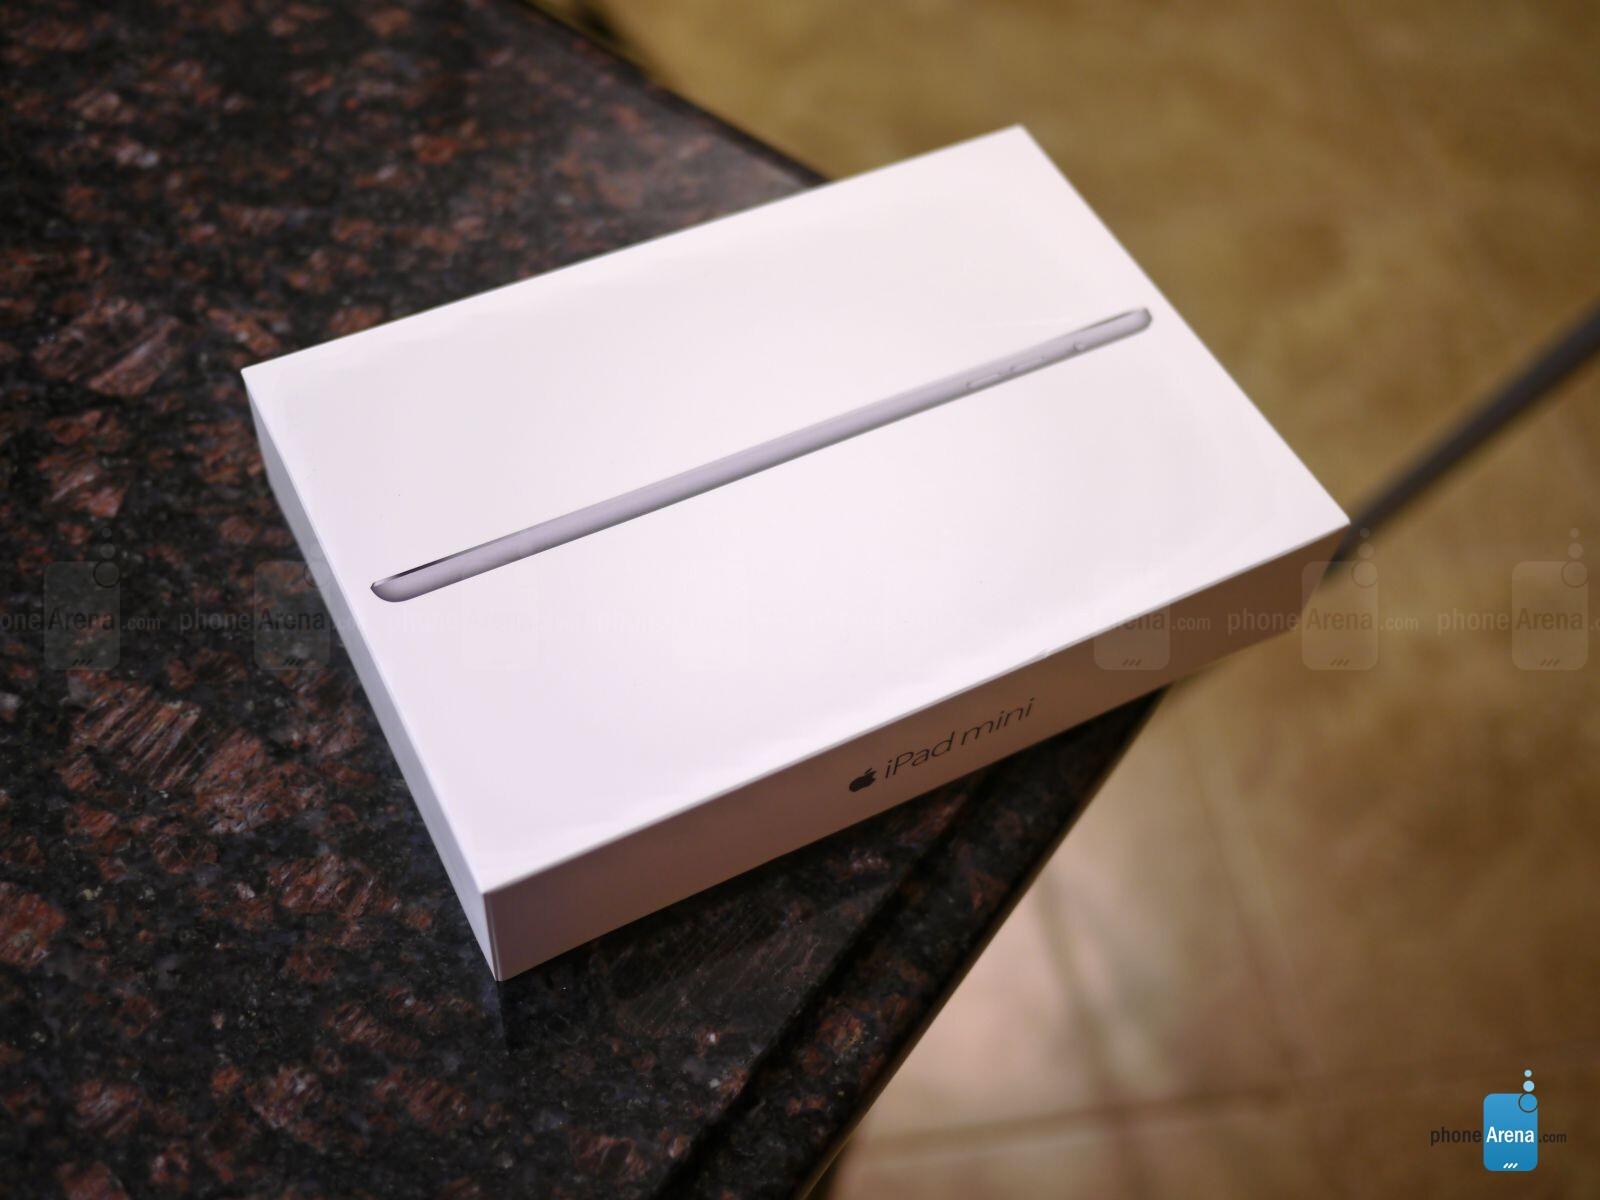 Apple Ipad 3 Box Apple Ipad Mini 3 Unboxing